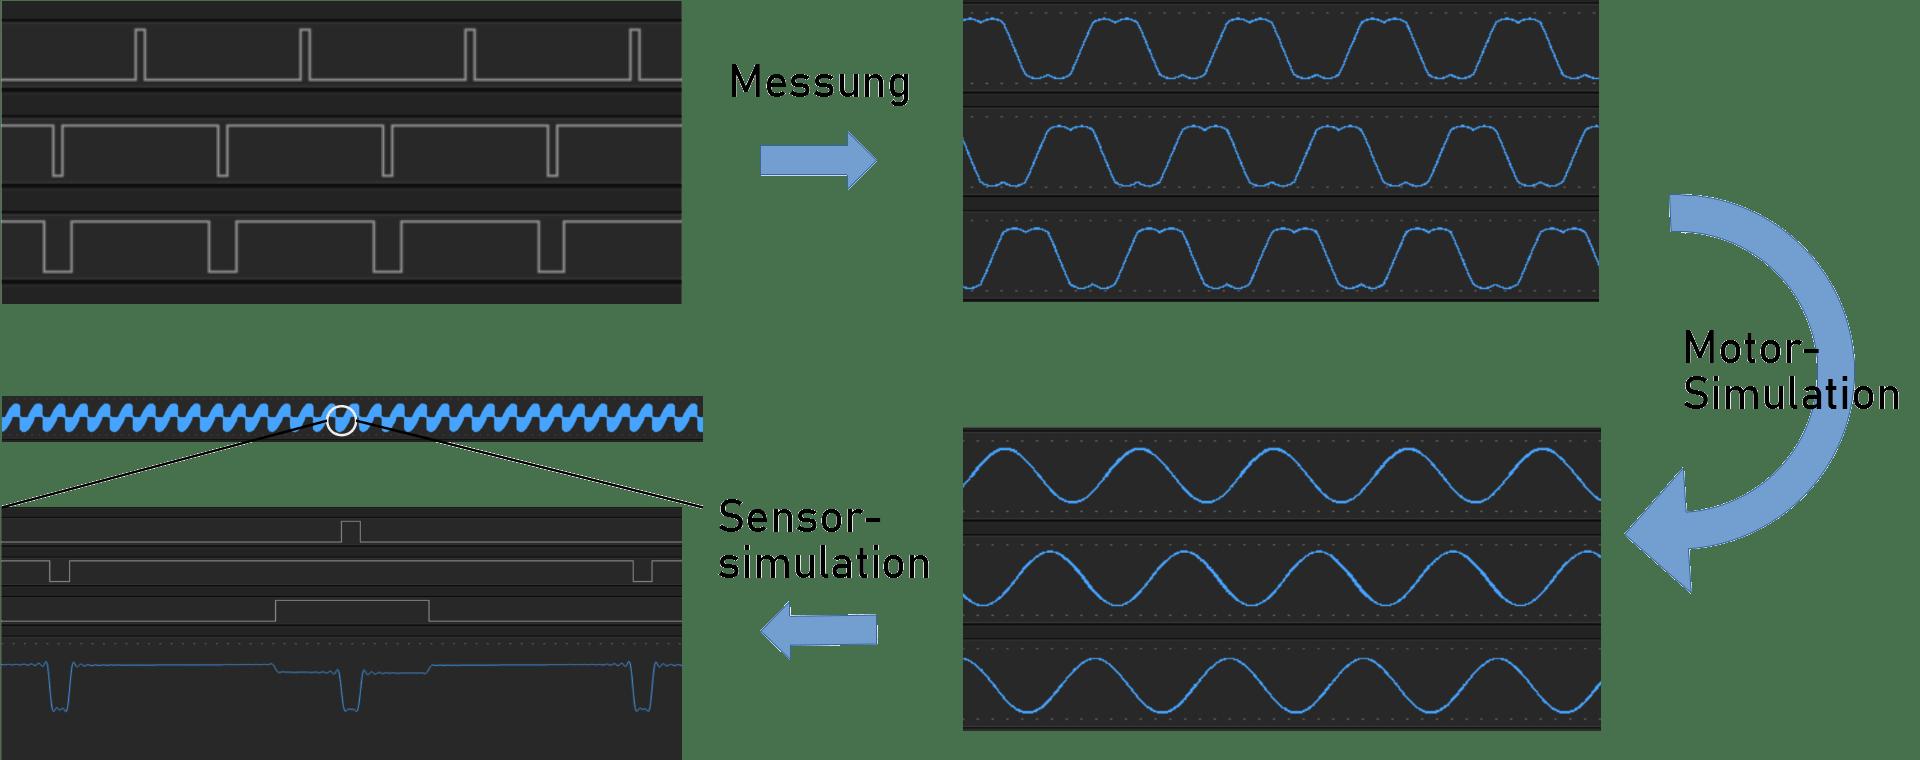 PWM Messung + Motorsimulation + Sensorsimulation